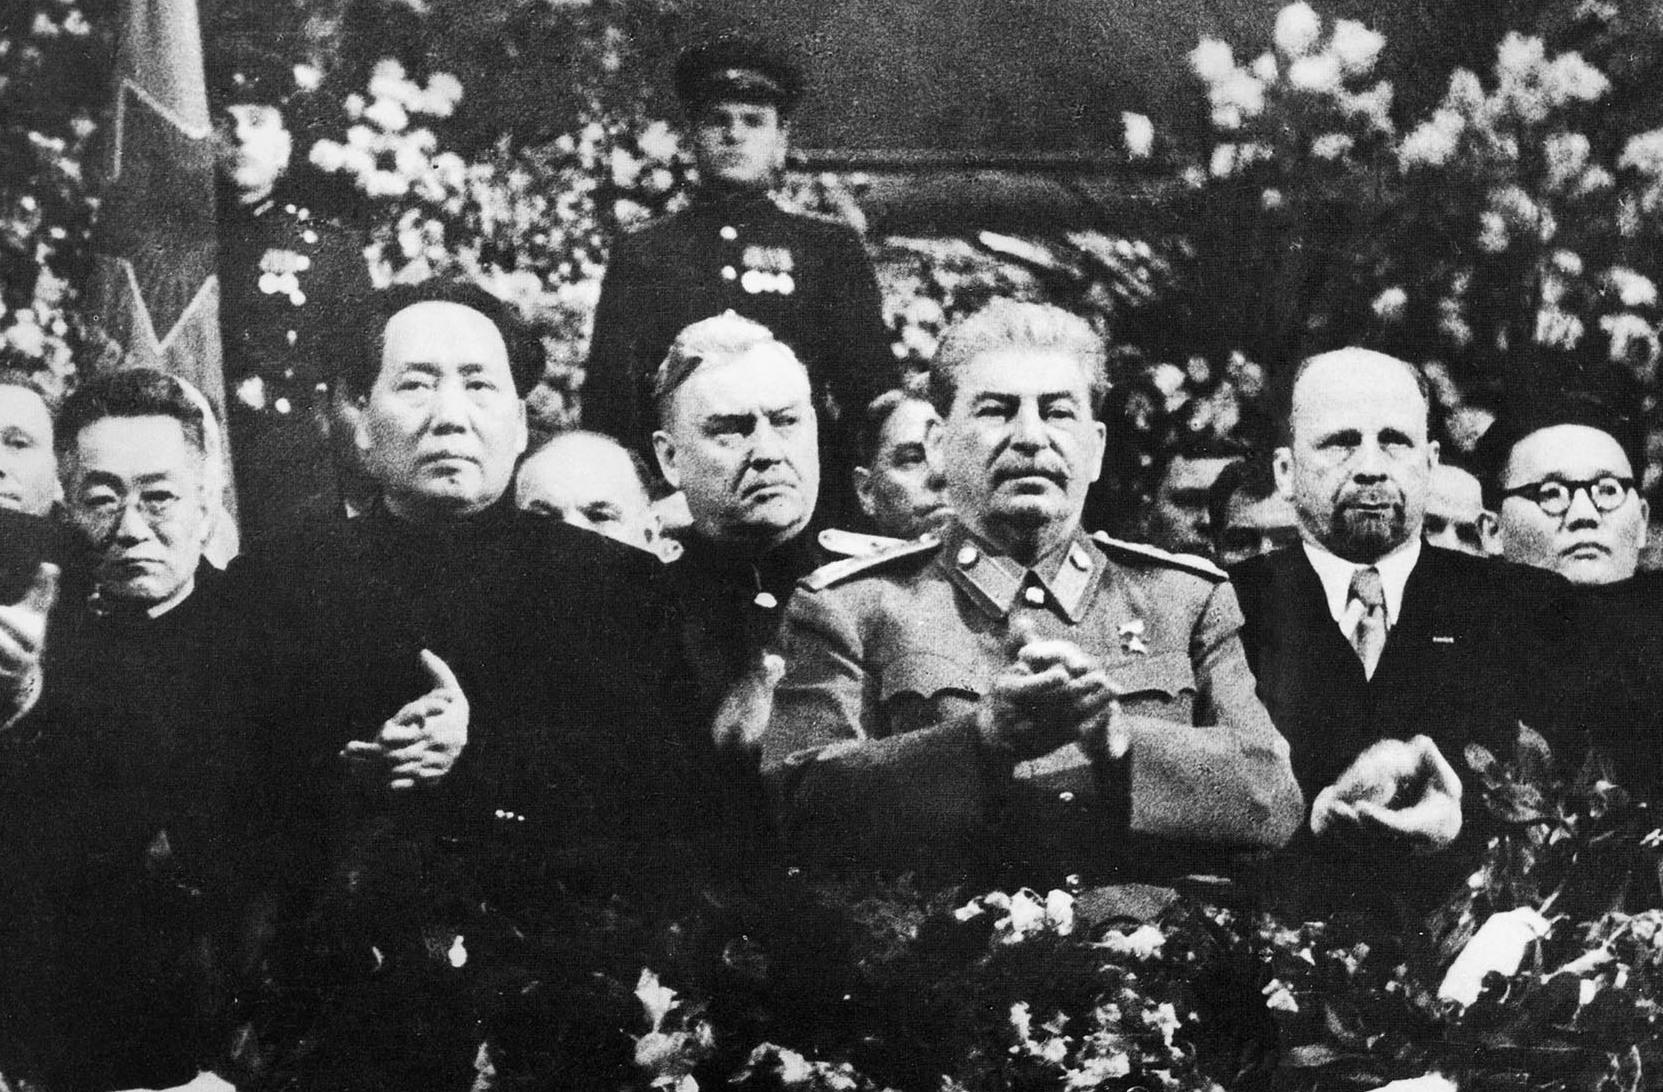 File:Mao, Bulganin, Stalin, Ulbricht Tsedenbal.jpeg